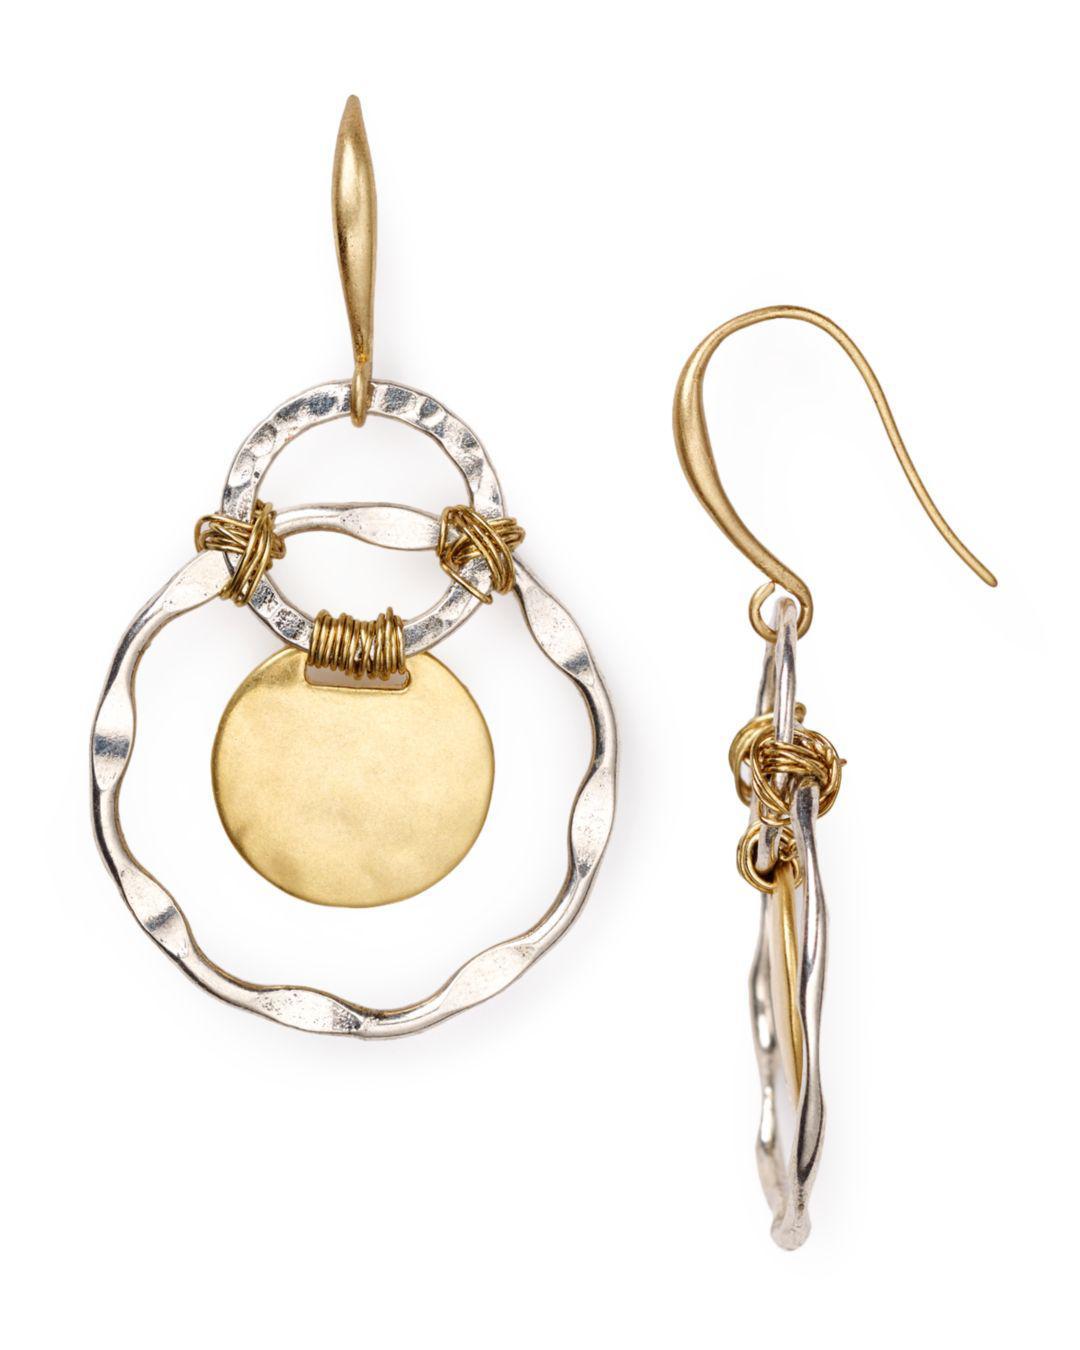 015664c88 Lyst - Robert Lee Morris Two Tone Orbital Earrings in Metallic